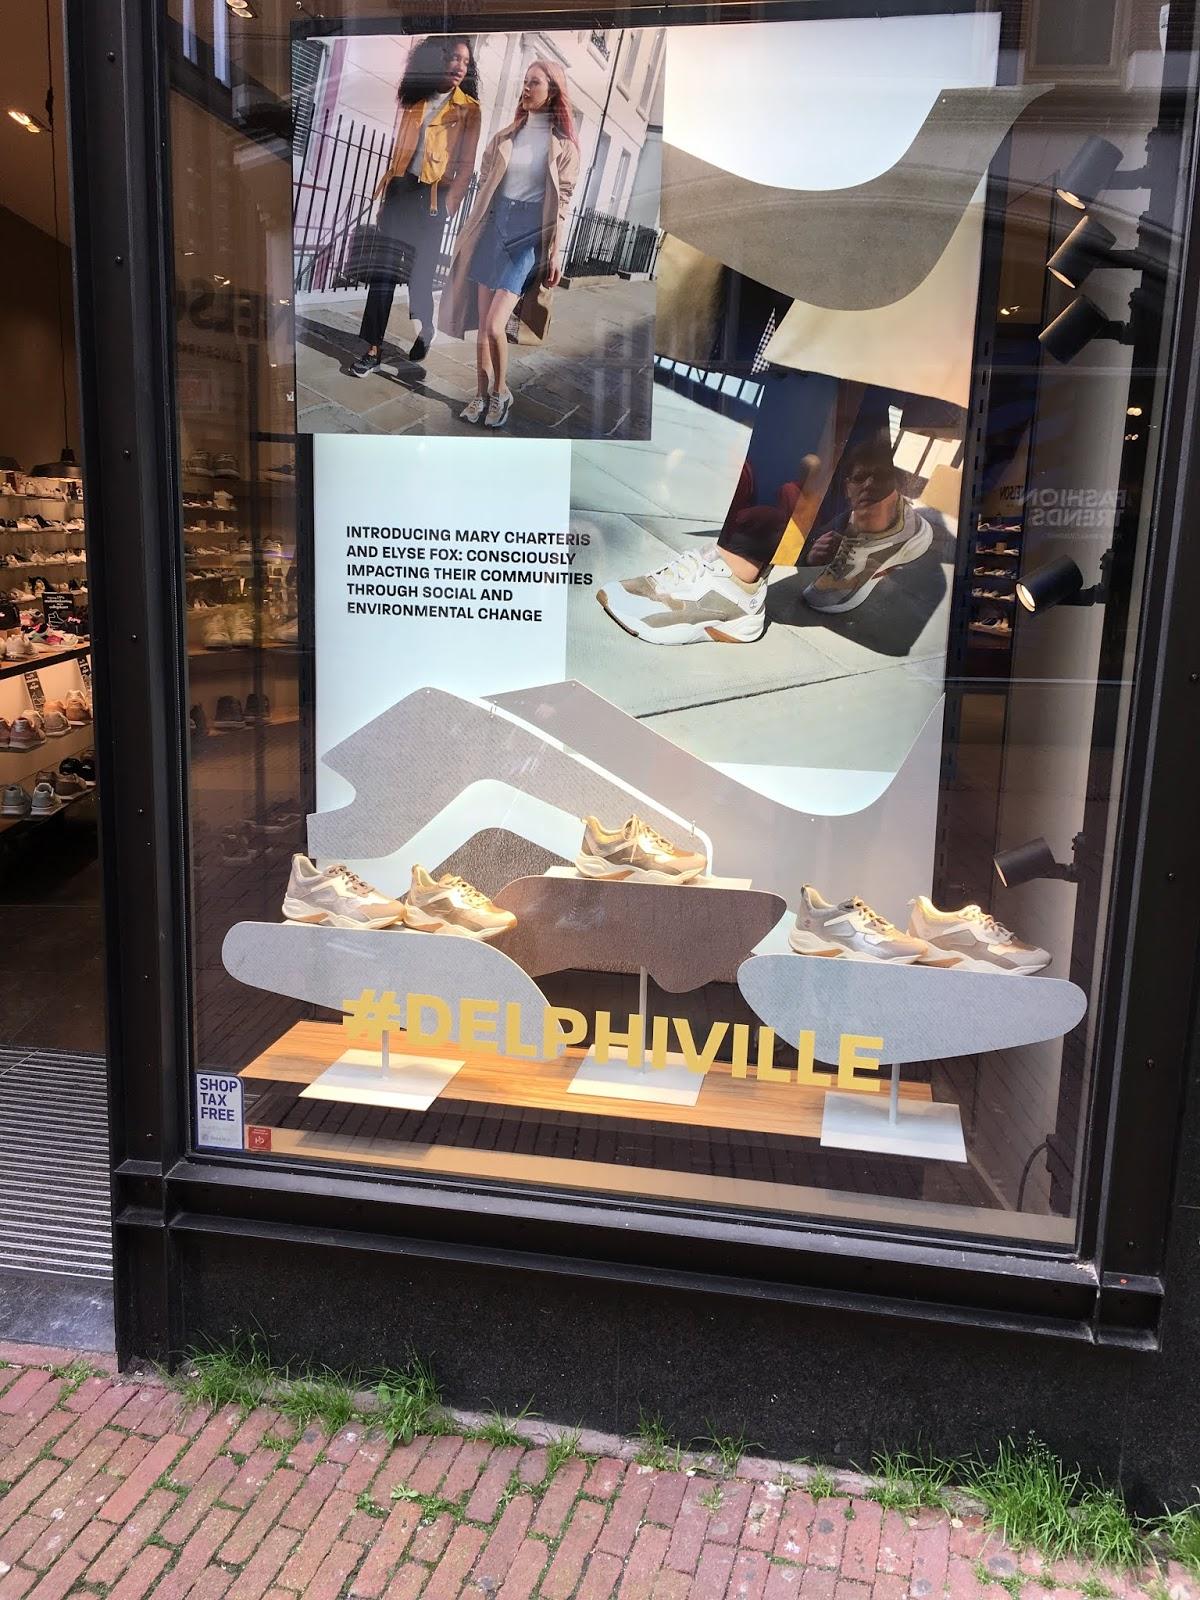 POP professor: Timberland Delphiville shop window